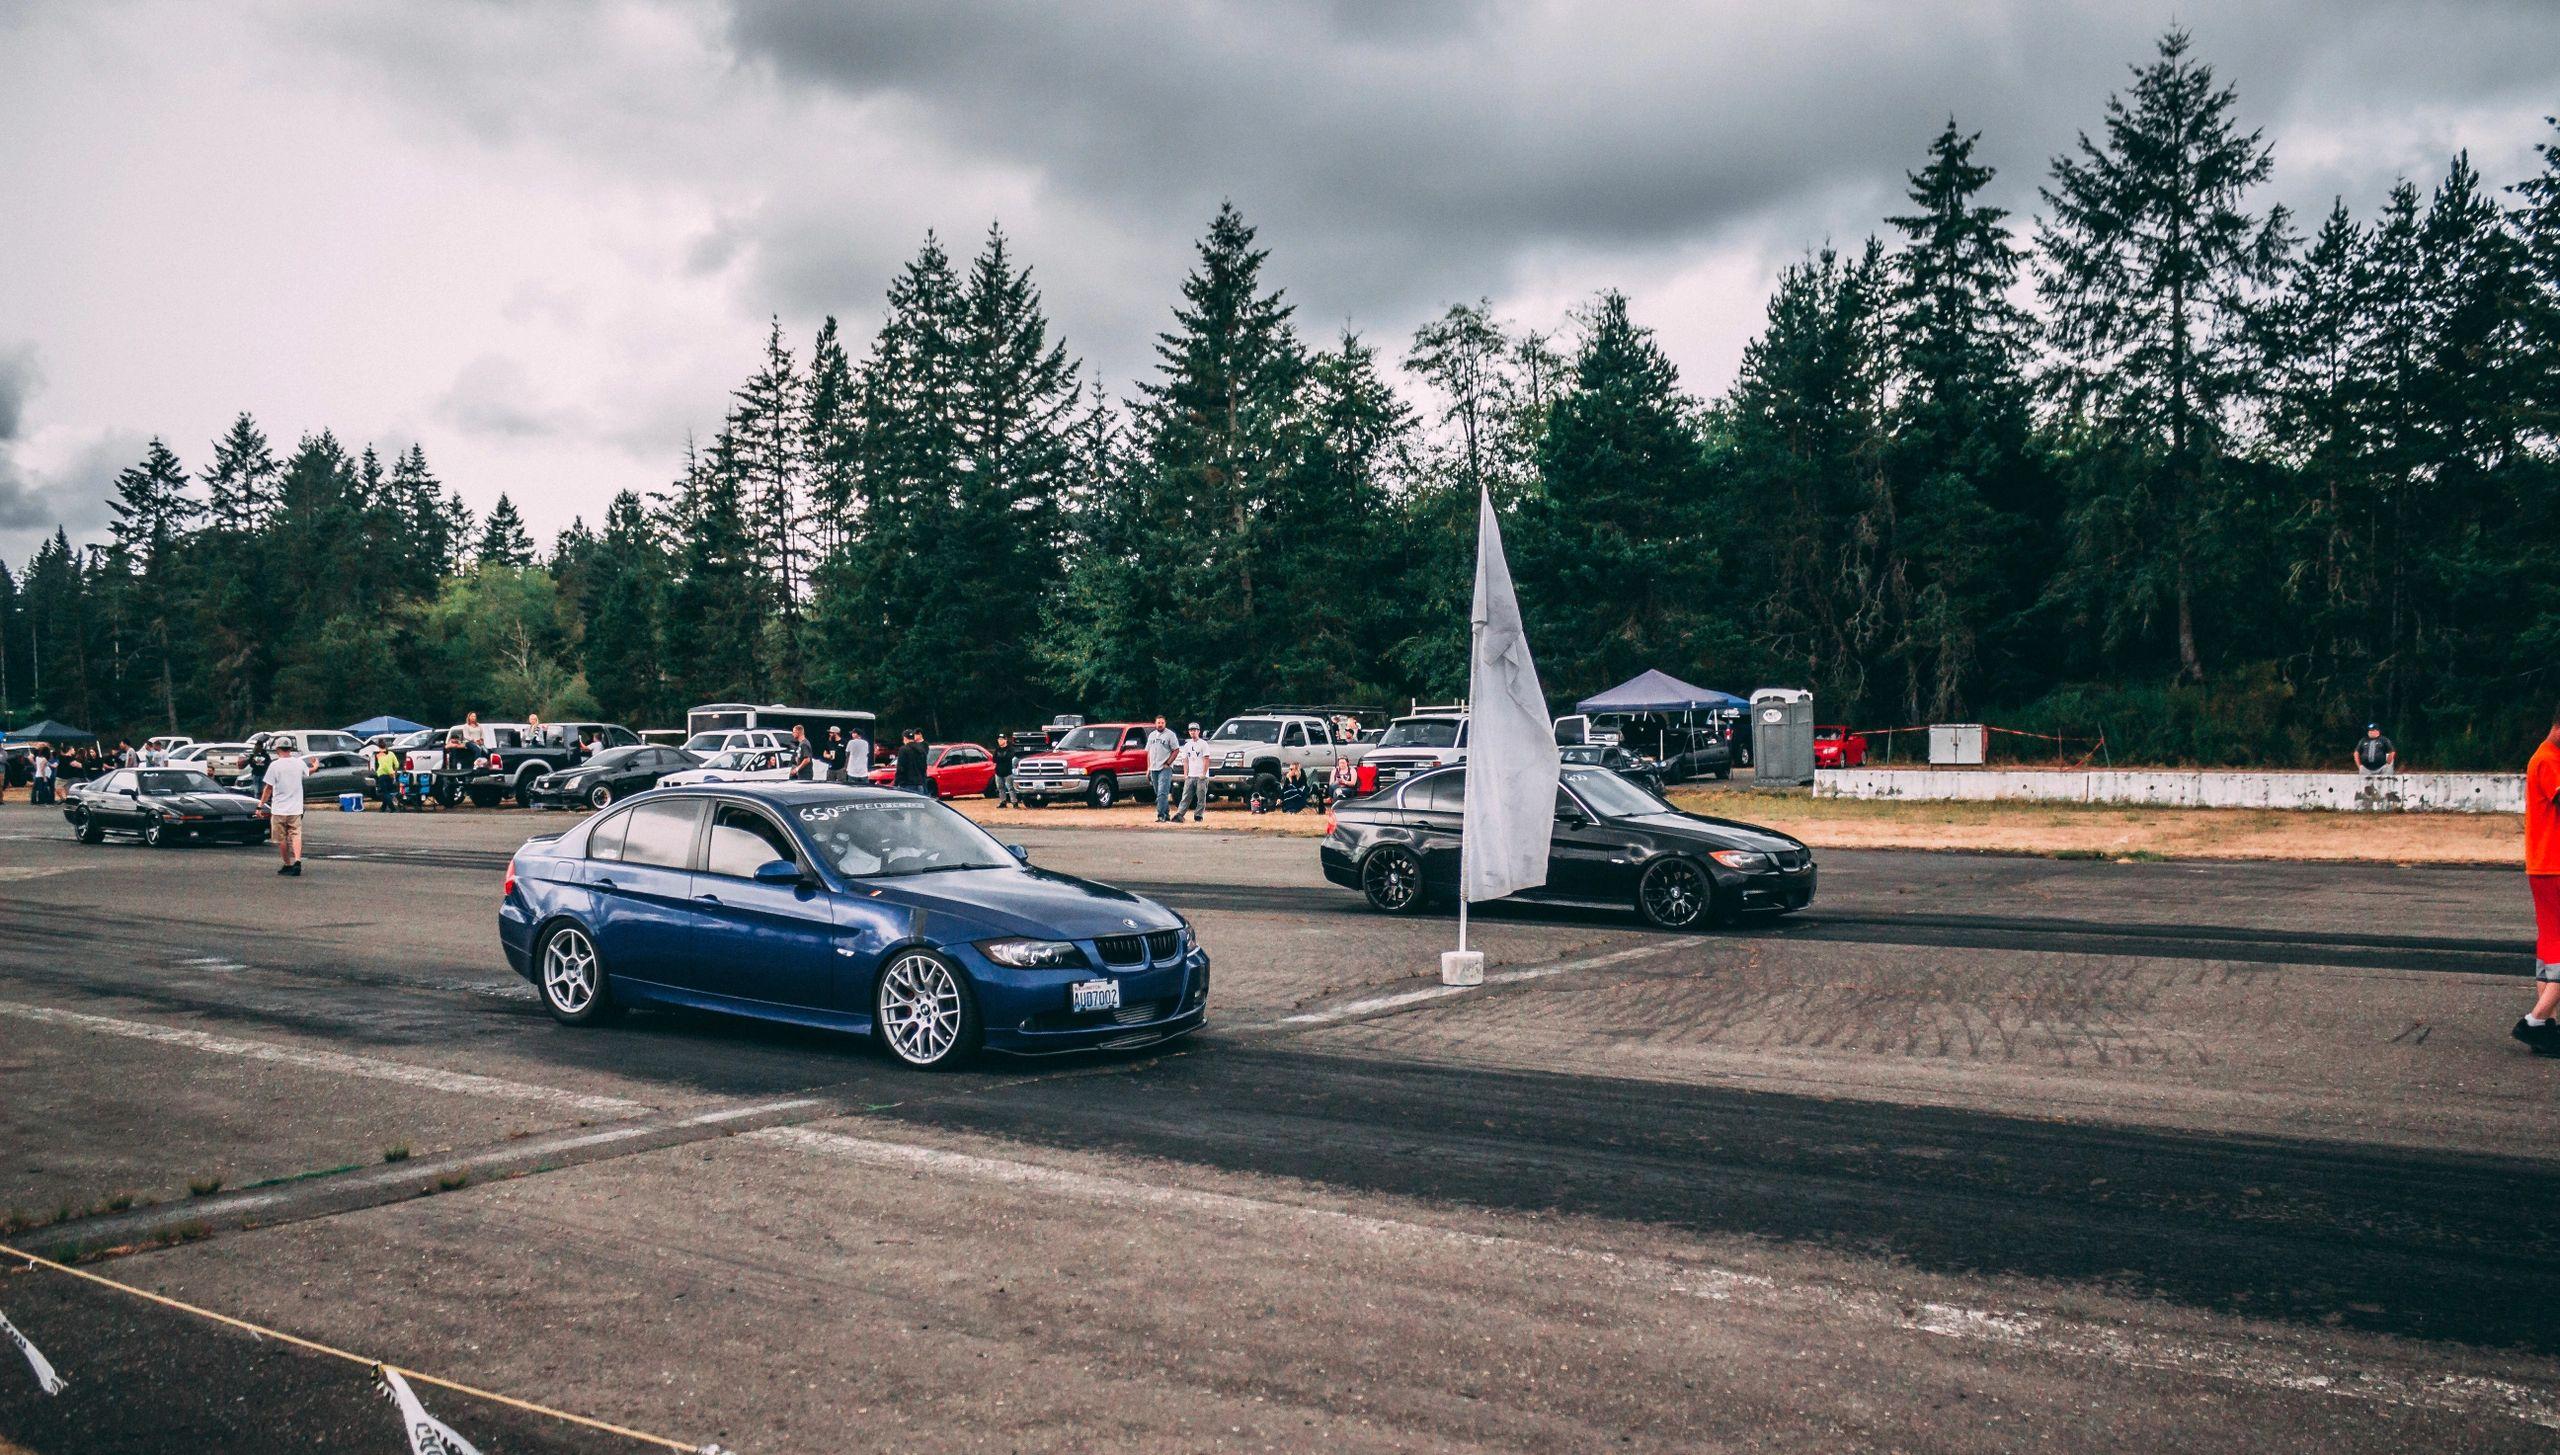 PNW N54 - PNWN54 com, BMW Performance, BMW Maintenance, Pnw Bmw